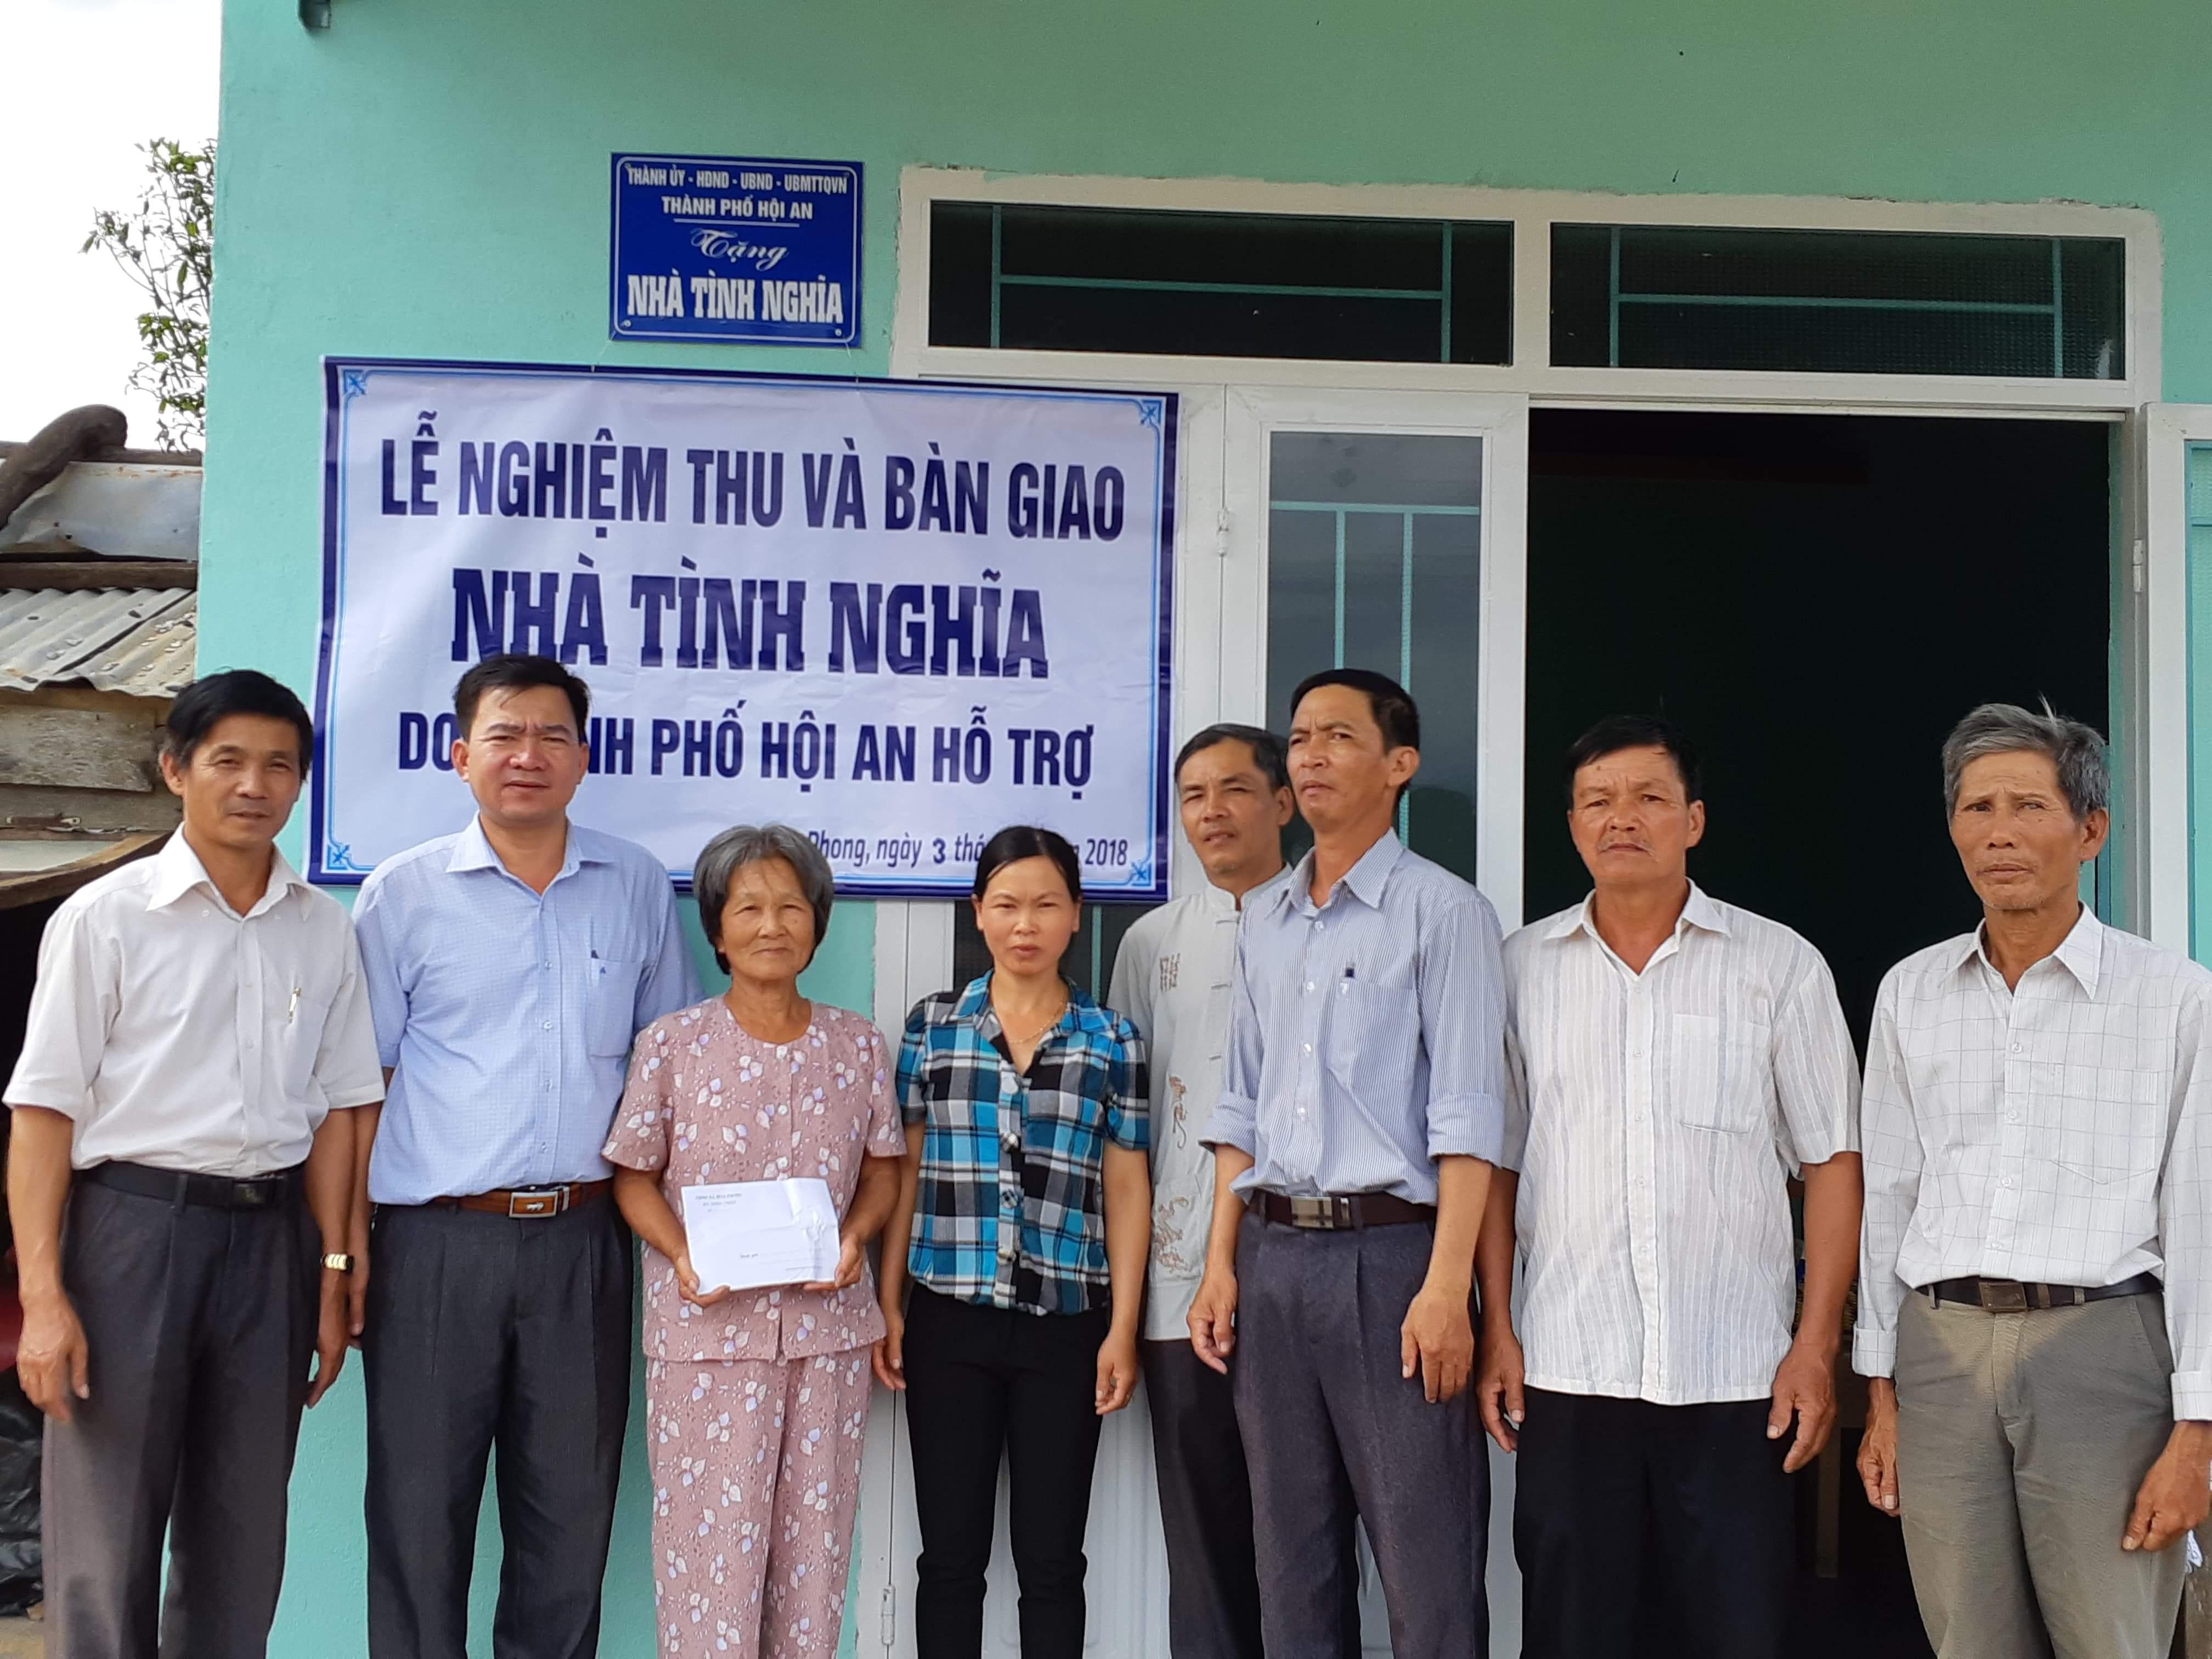 Lễ nghiệm thu và bàn giao nhà tình nghĩa tại xã Hòa Phong